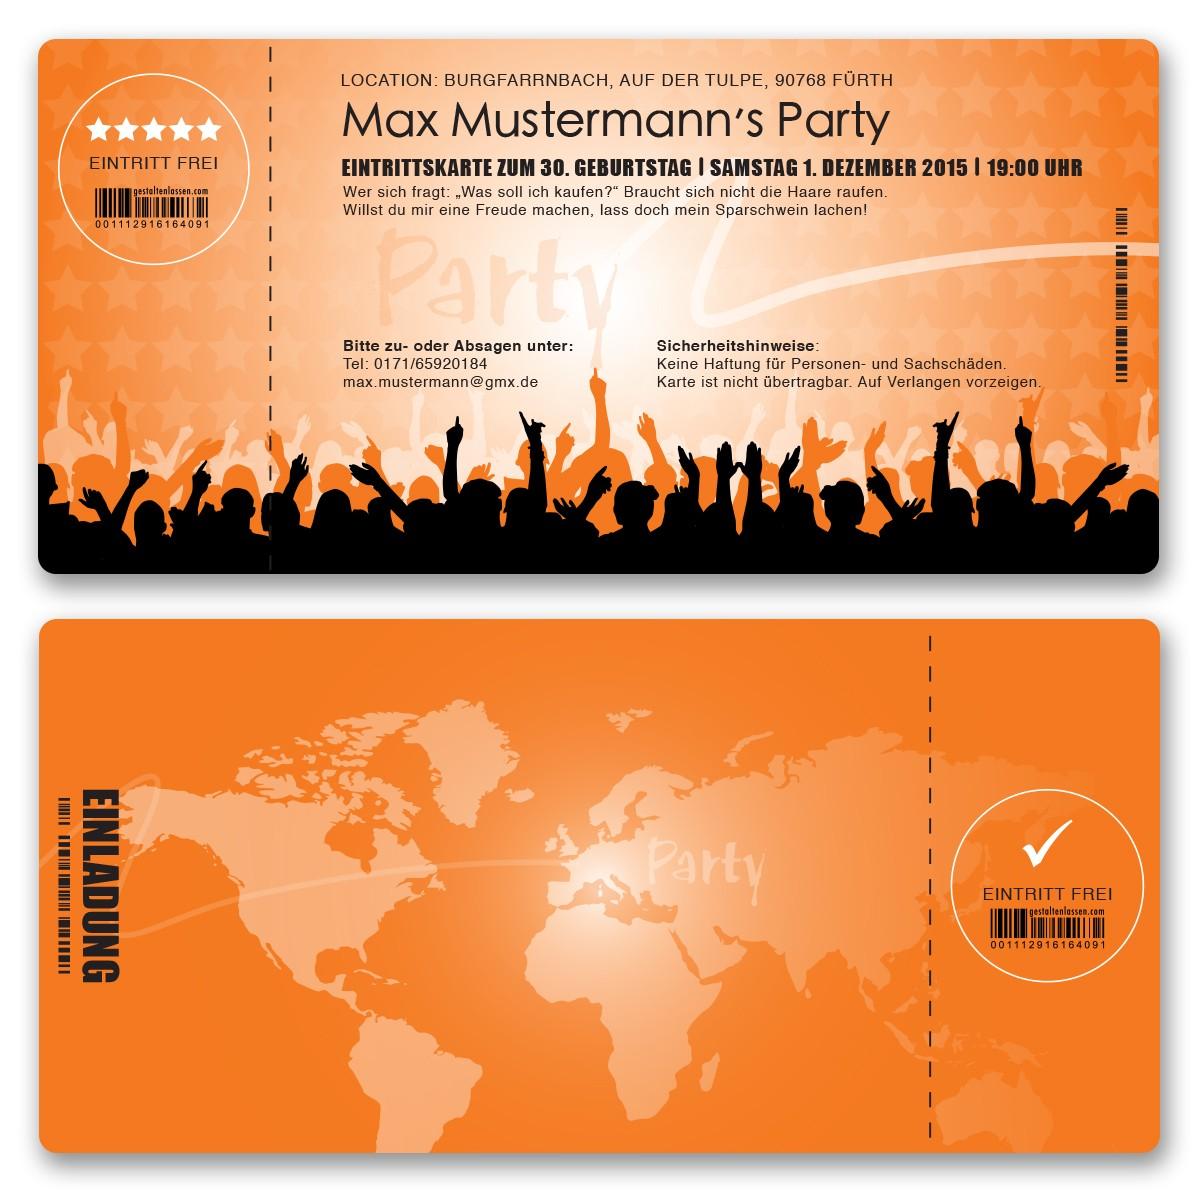 einladungskarten als eintrittskarte festivalticket bestellen, Einladung